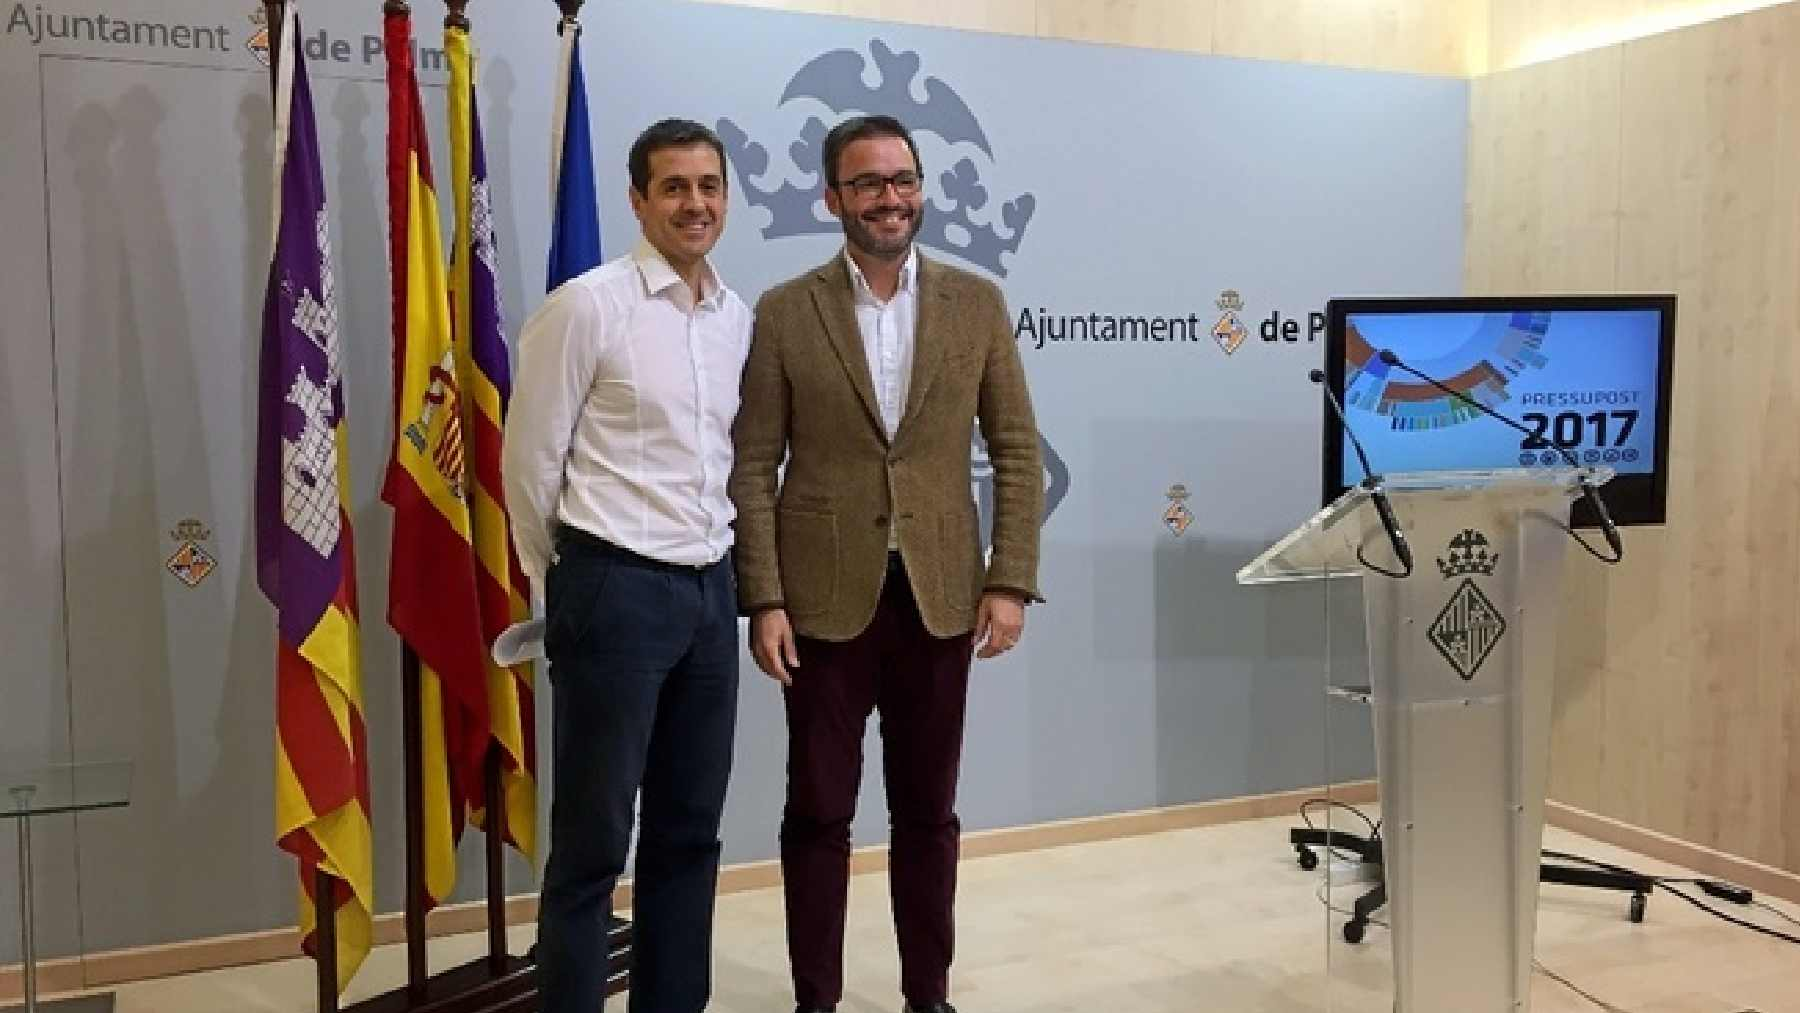 El concejal socialista de Hacienda, Adrián García, con el alcalde de Palma, José Hila.